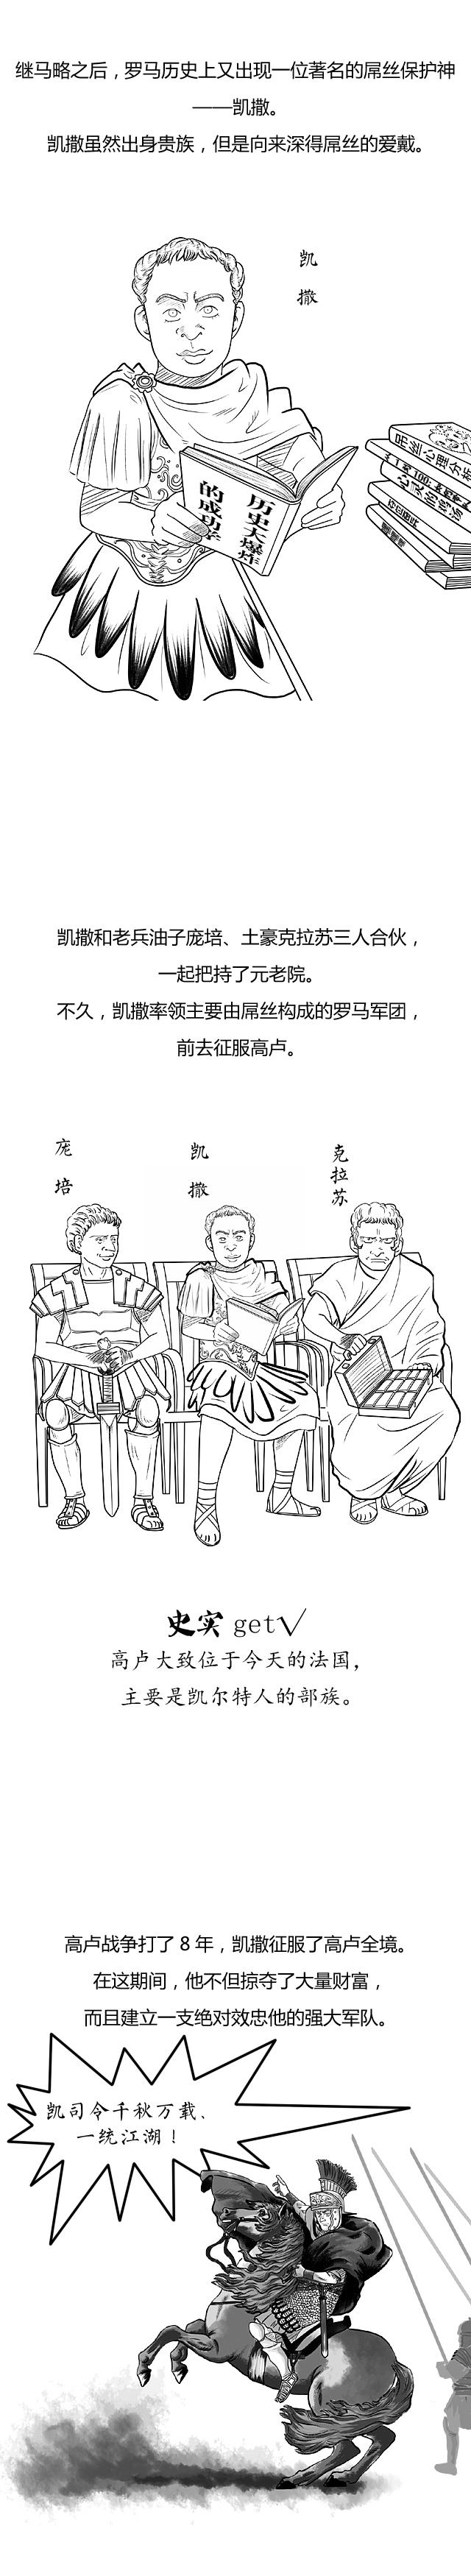 【历史大爆炸】古罗马版纸牌屋